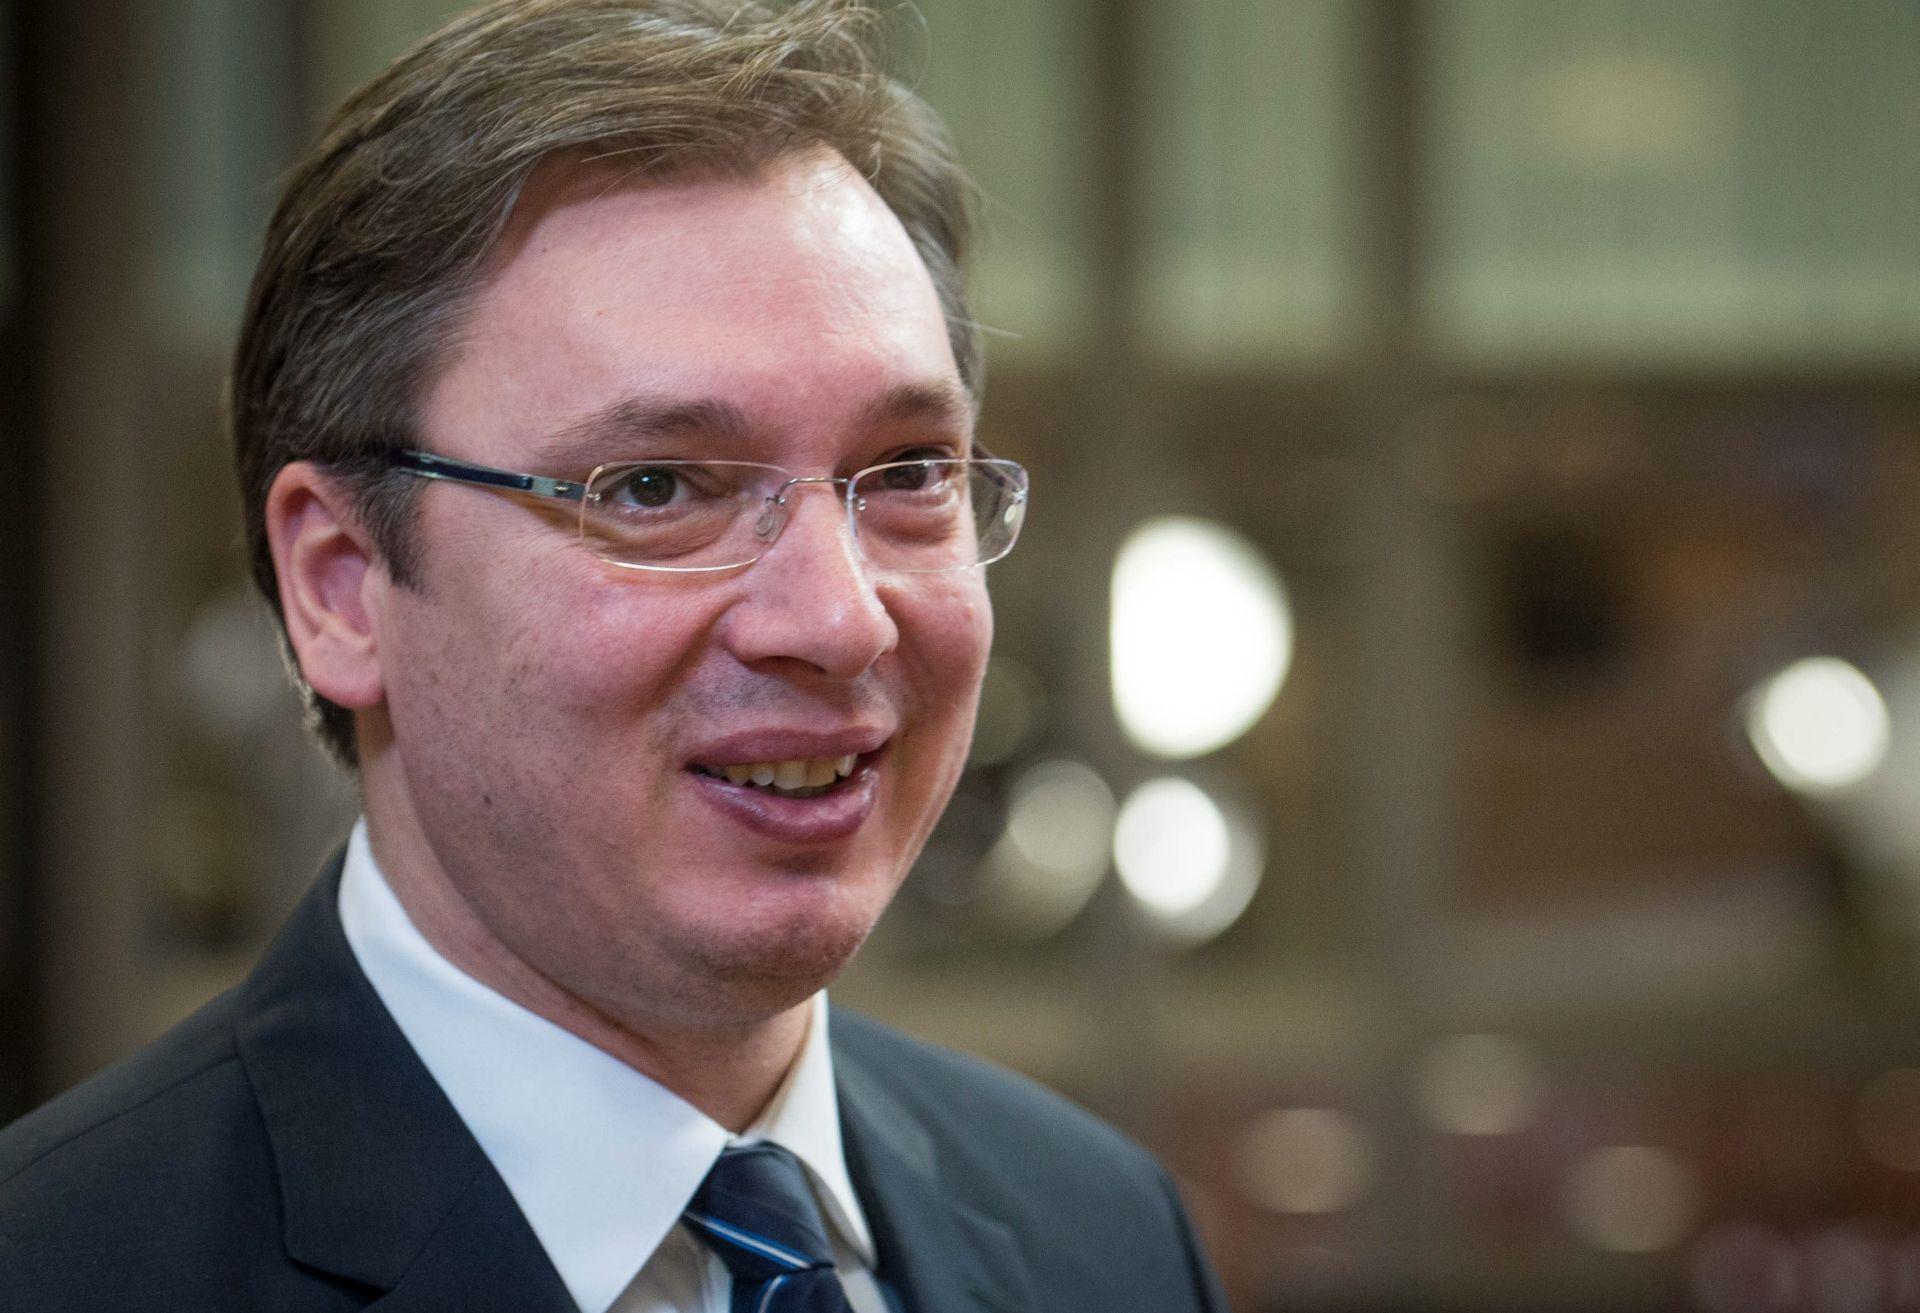 Beogradski mediji o otvaranju poglavlja s EU-om: Povijesni trenutak za Srbiju